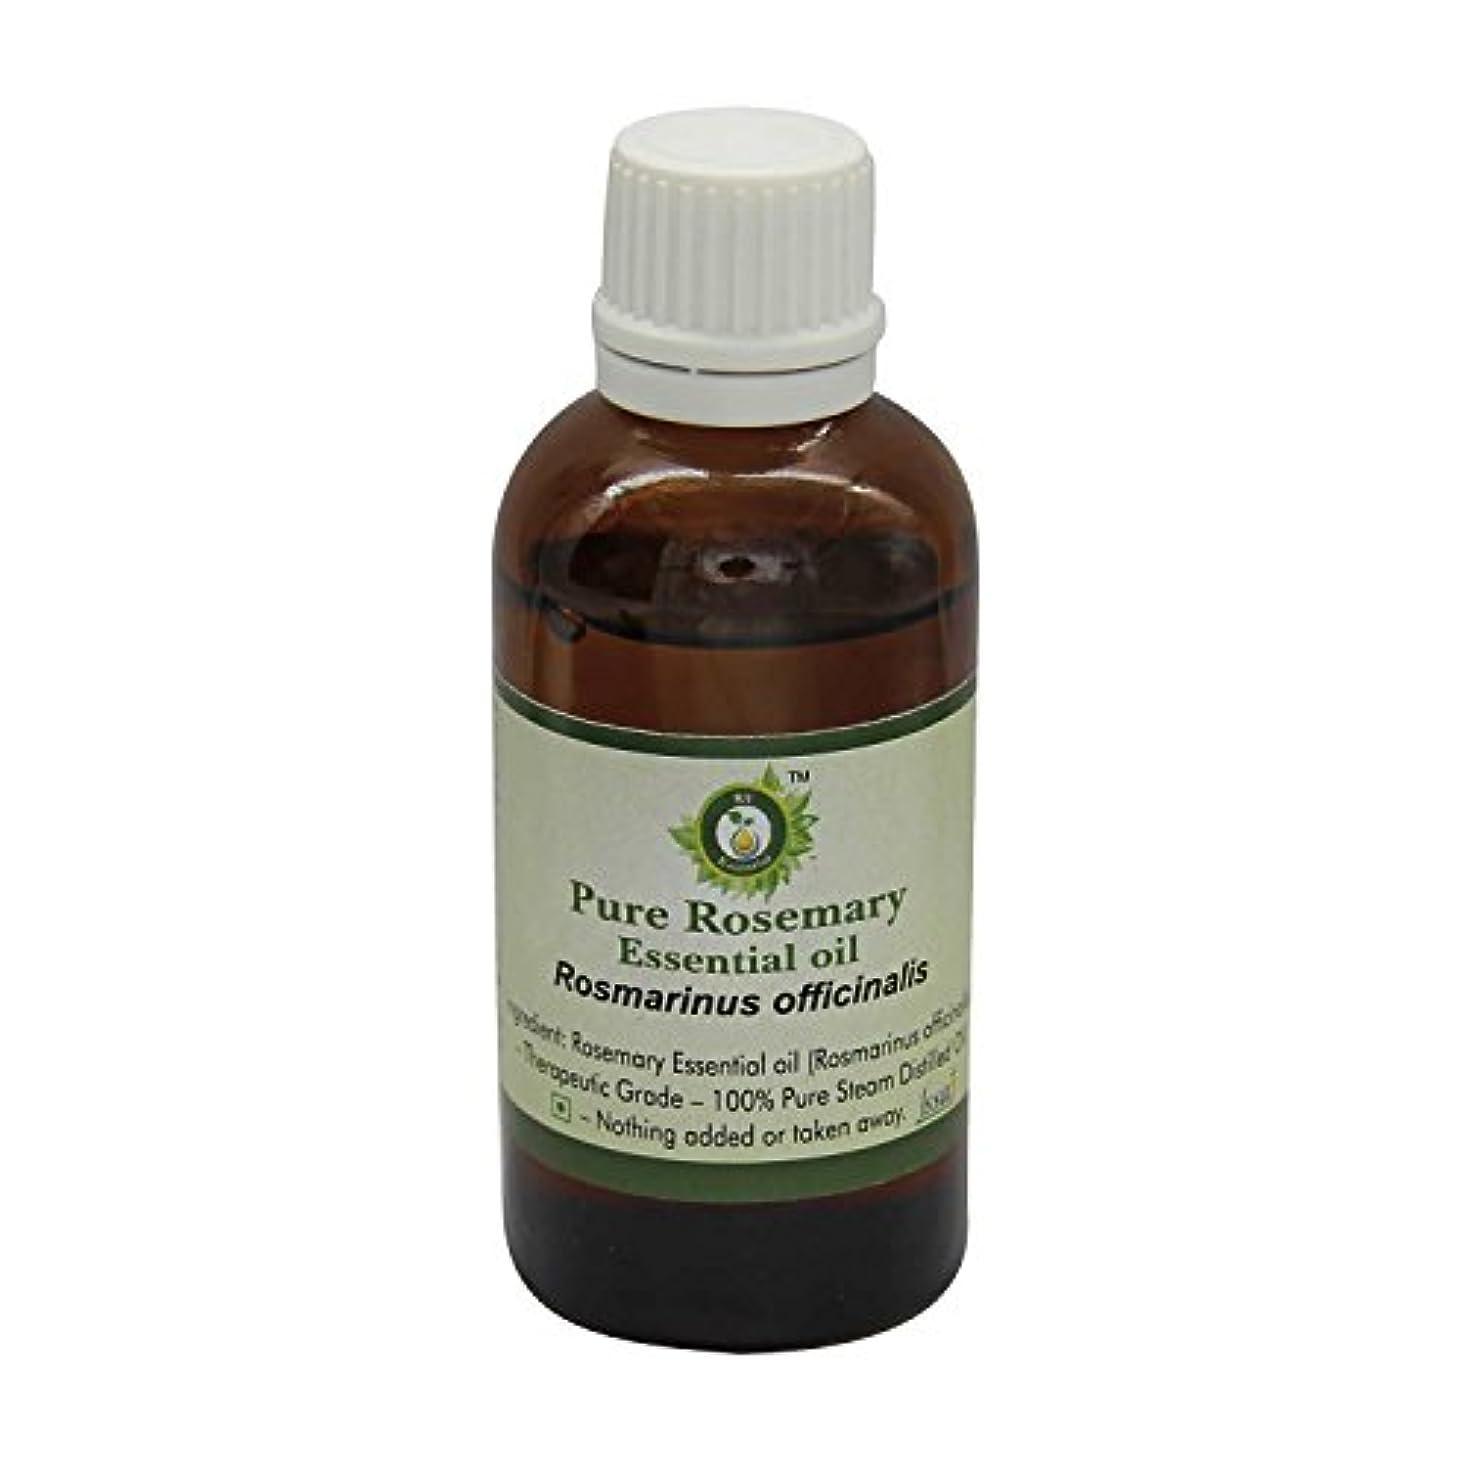 残り物英語の授業がありますハンドブックR V Essential ピュアローズマリーエッセンシャルオイル30ml (1.01oz)- Rosmarinus Officinalis (100%純粋&天然スチームDistilled) Pure Rosemary...